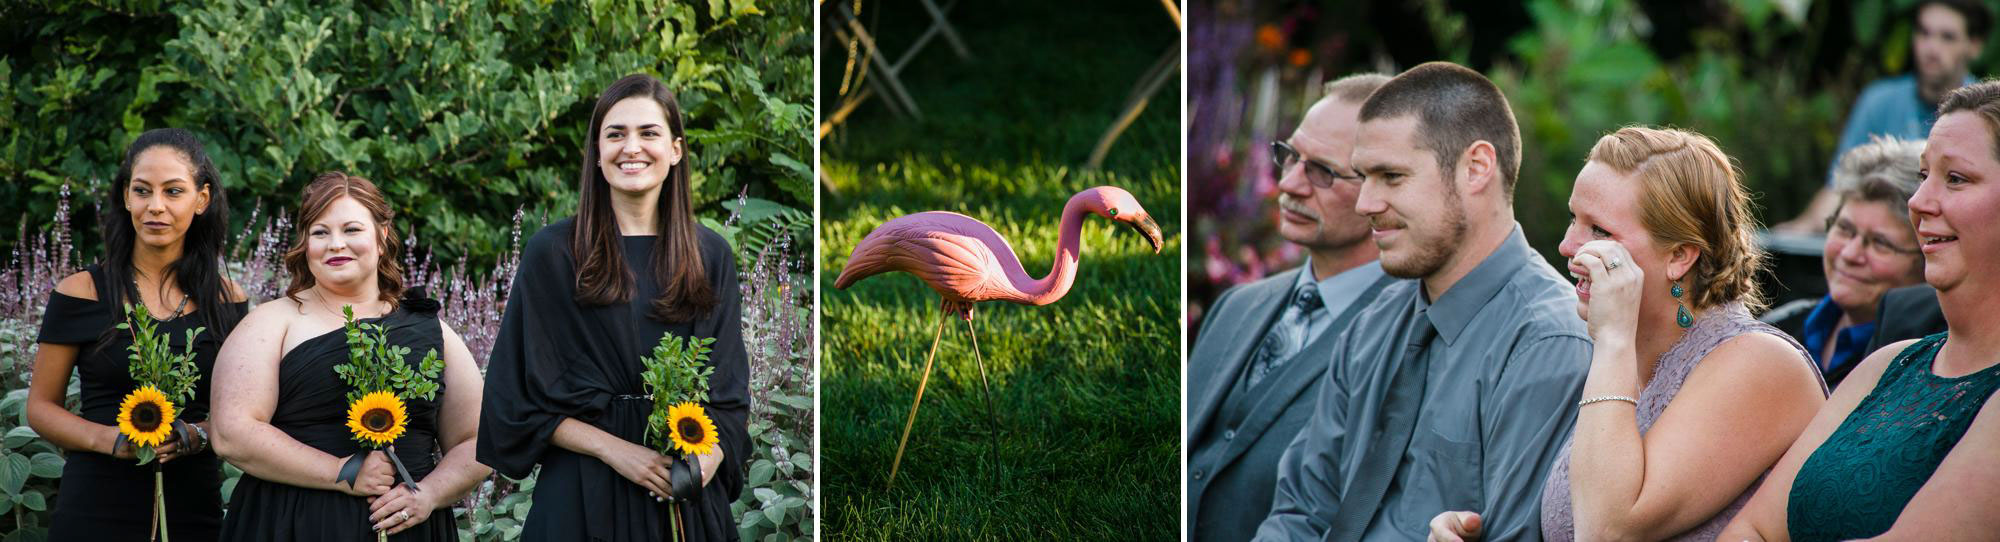 toledo-zoo-wedding-pictures-147.jpg